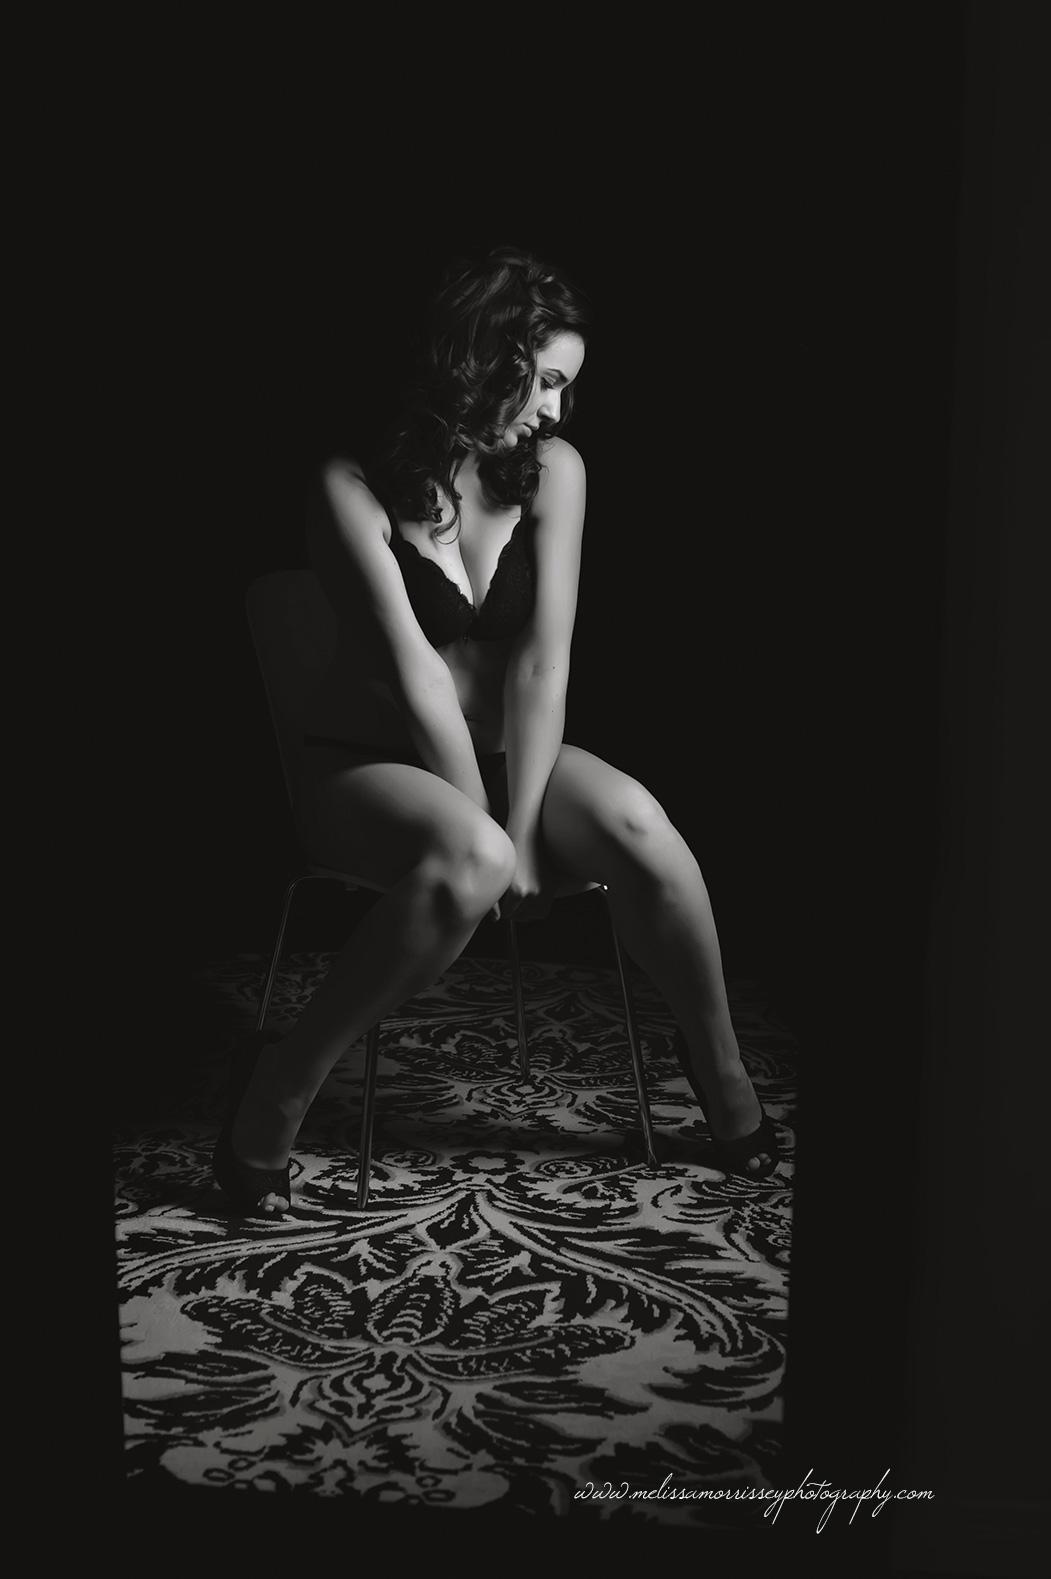 https://www.melissamorrisseyphotography.com/wp-content/uploads/2014/01/Ottawa-Boudoir-Glamour-Photographer-Melissa-Morrissey-23.jpg